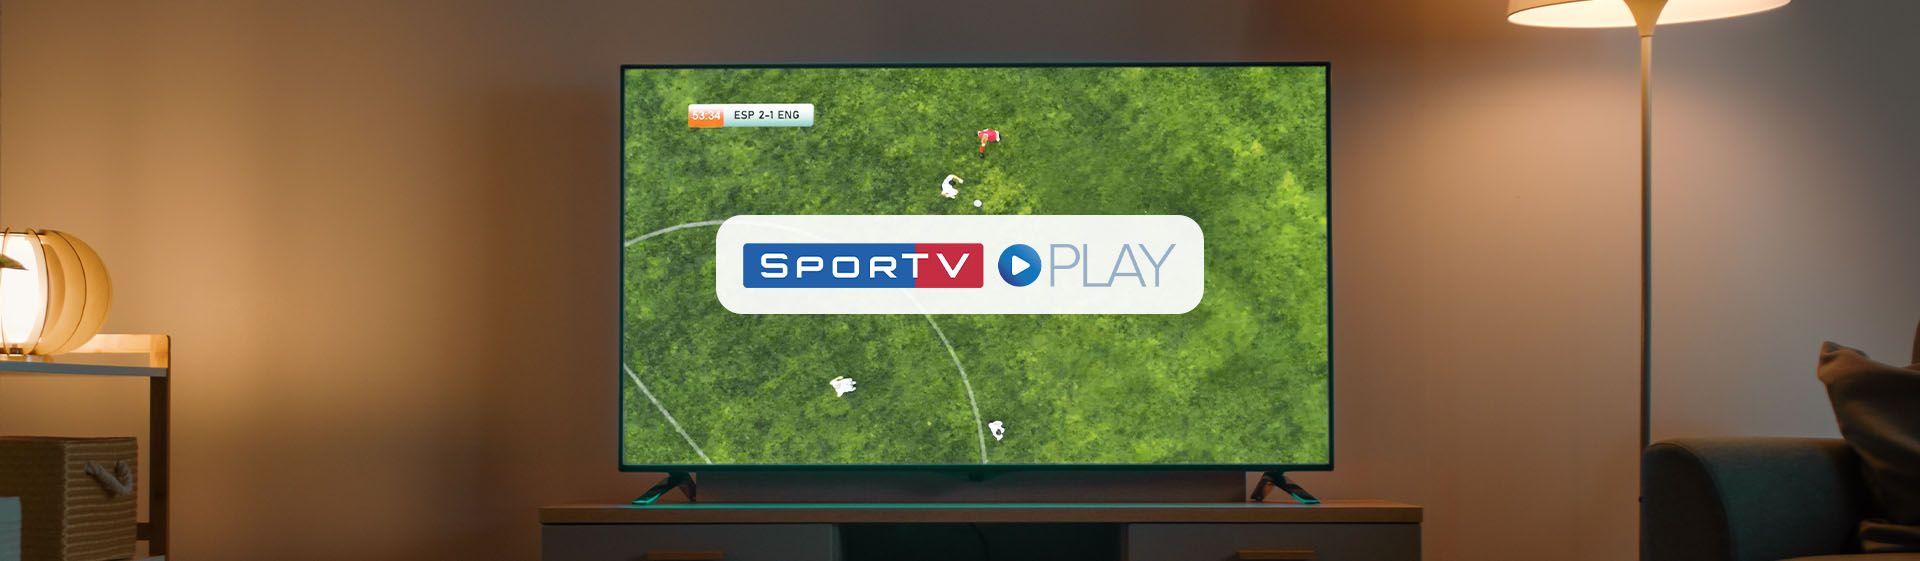 Como assistir Sportv Play na TV?